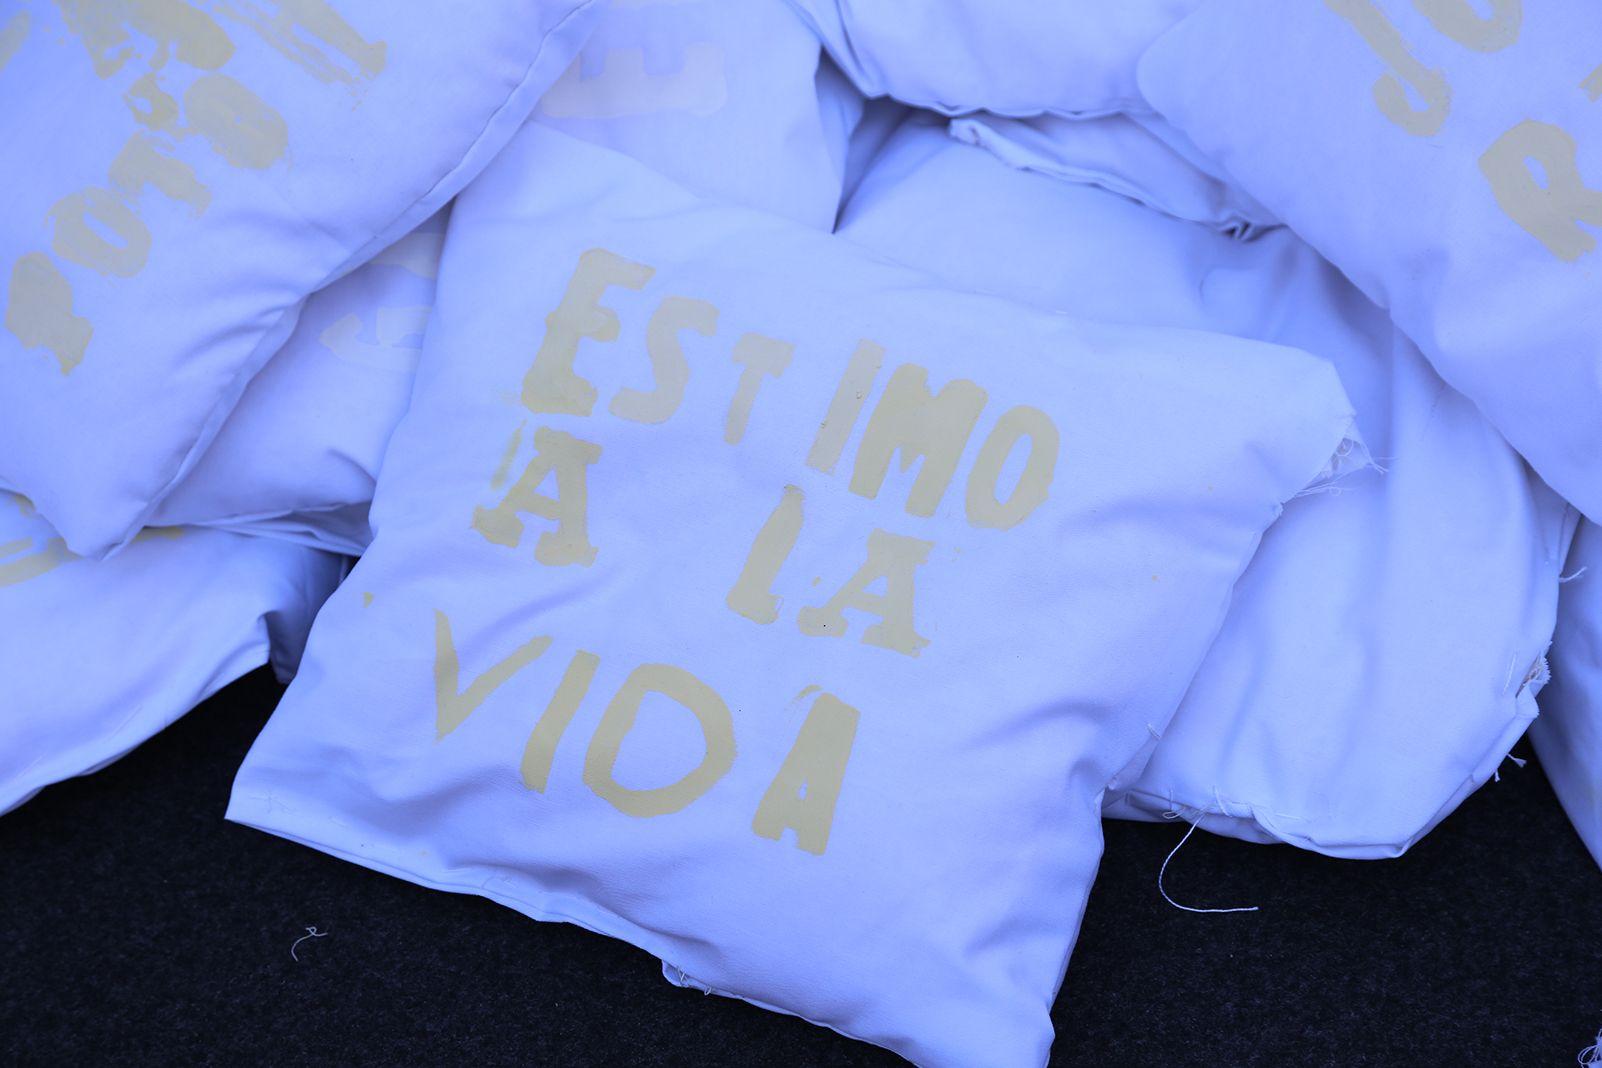 """Dia Escolar de la No-Violència i la pau """"Estar bé"""". FOTO: Anna Bassa"""